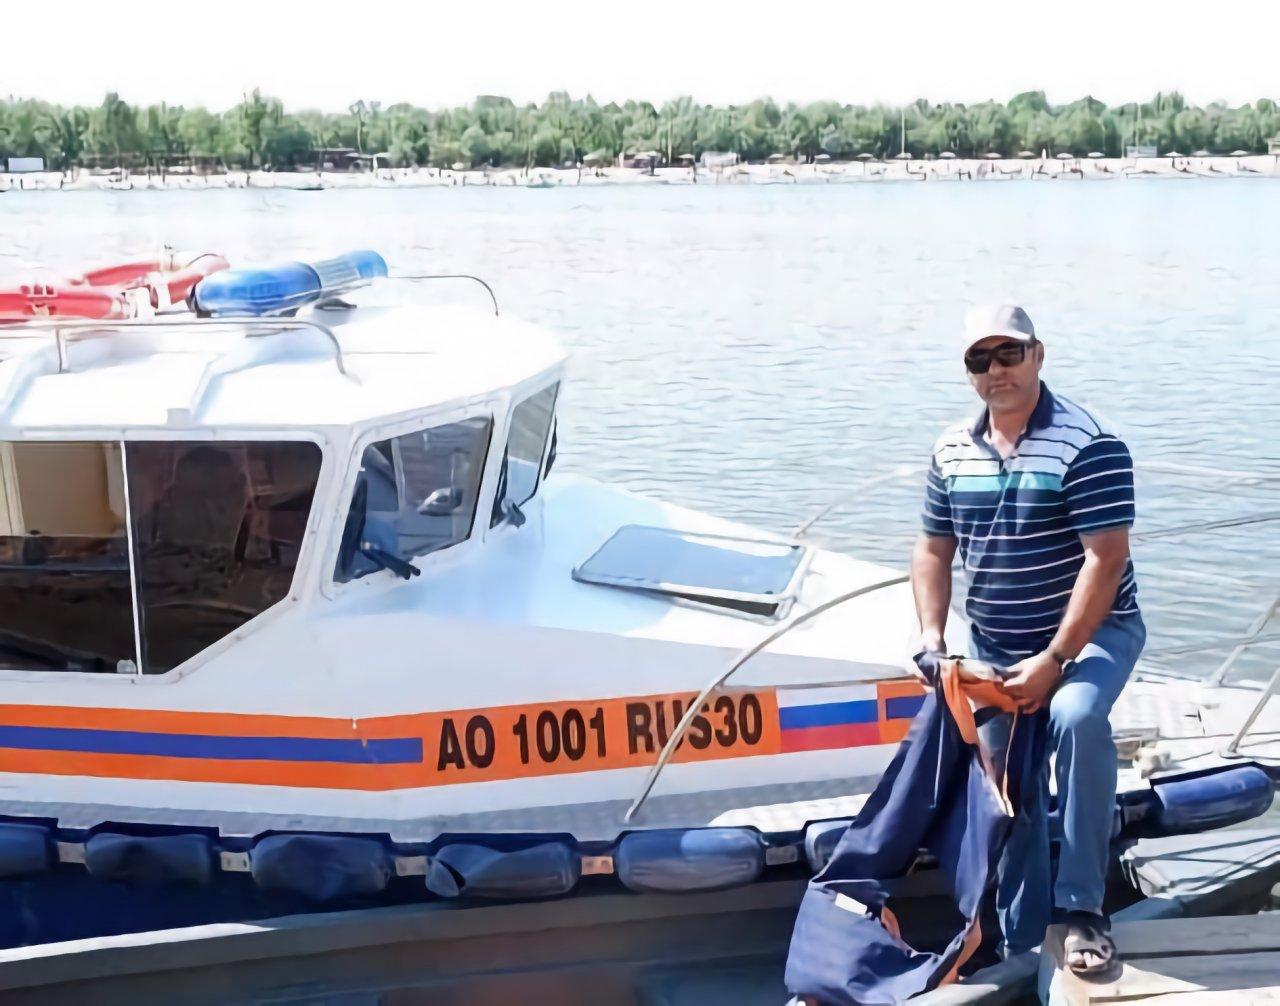 На переправе к городскому пляжу в Астрахани нашли нарушения